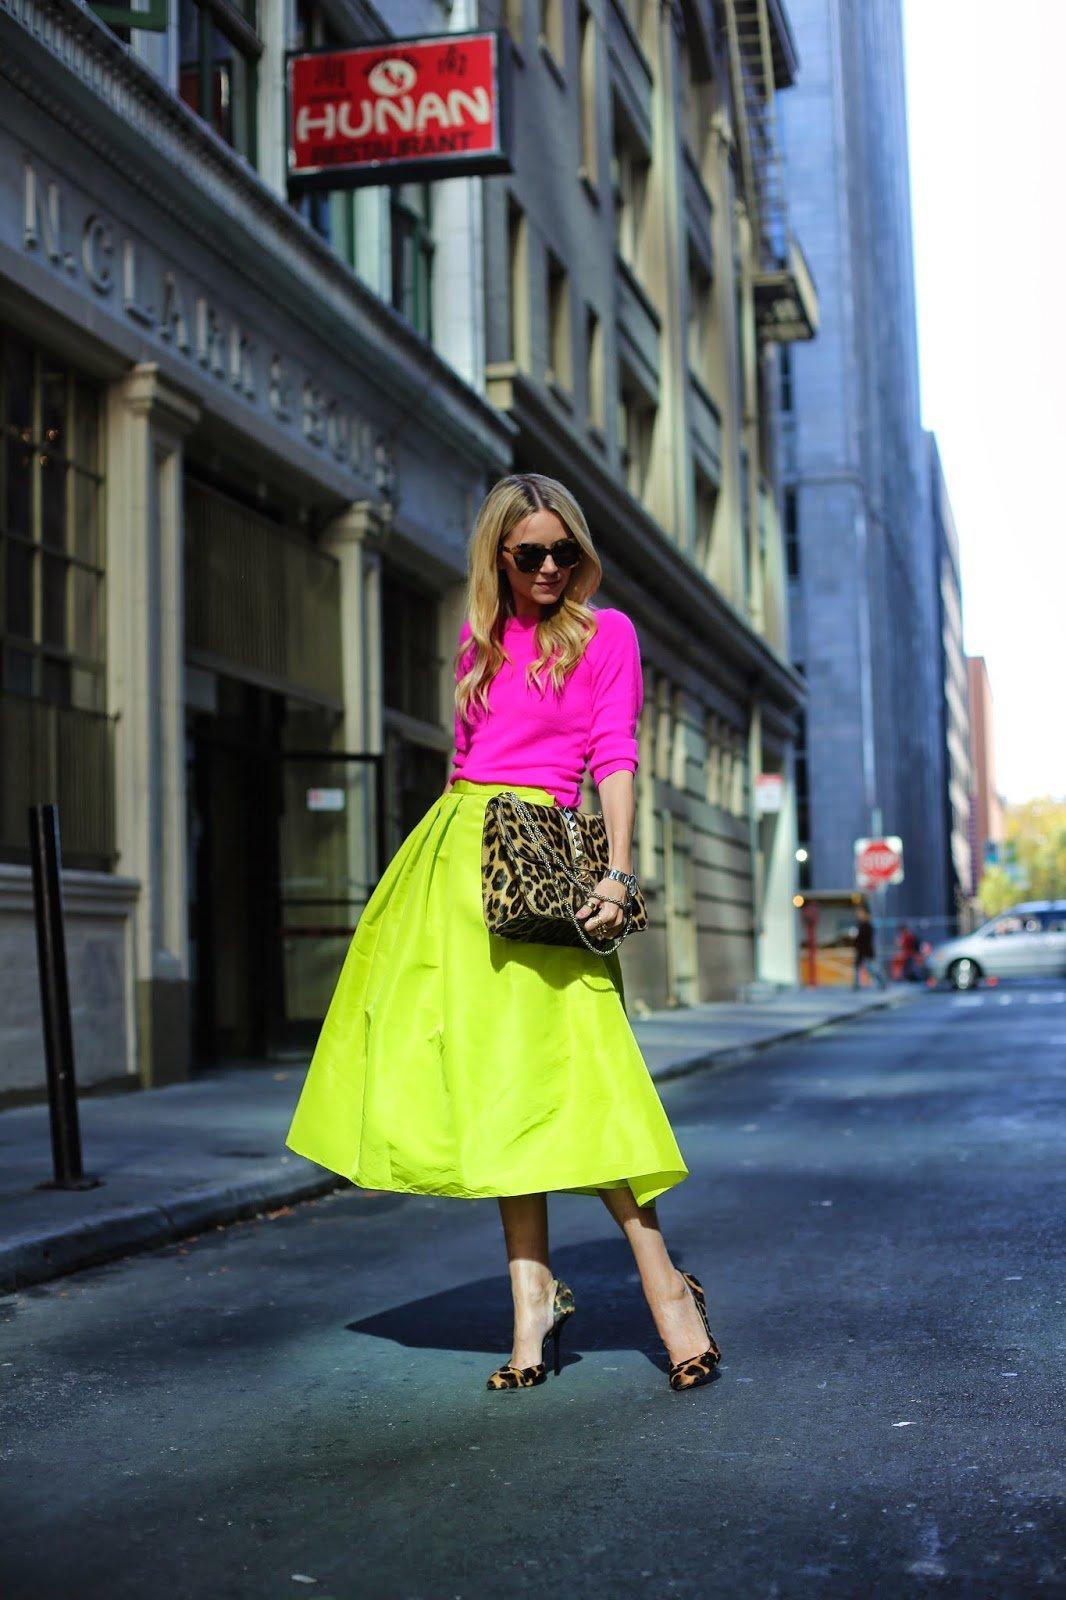 thời trang đường phố sắc màu neon